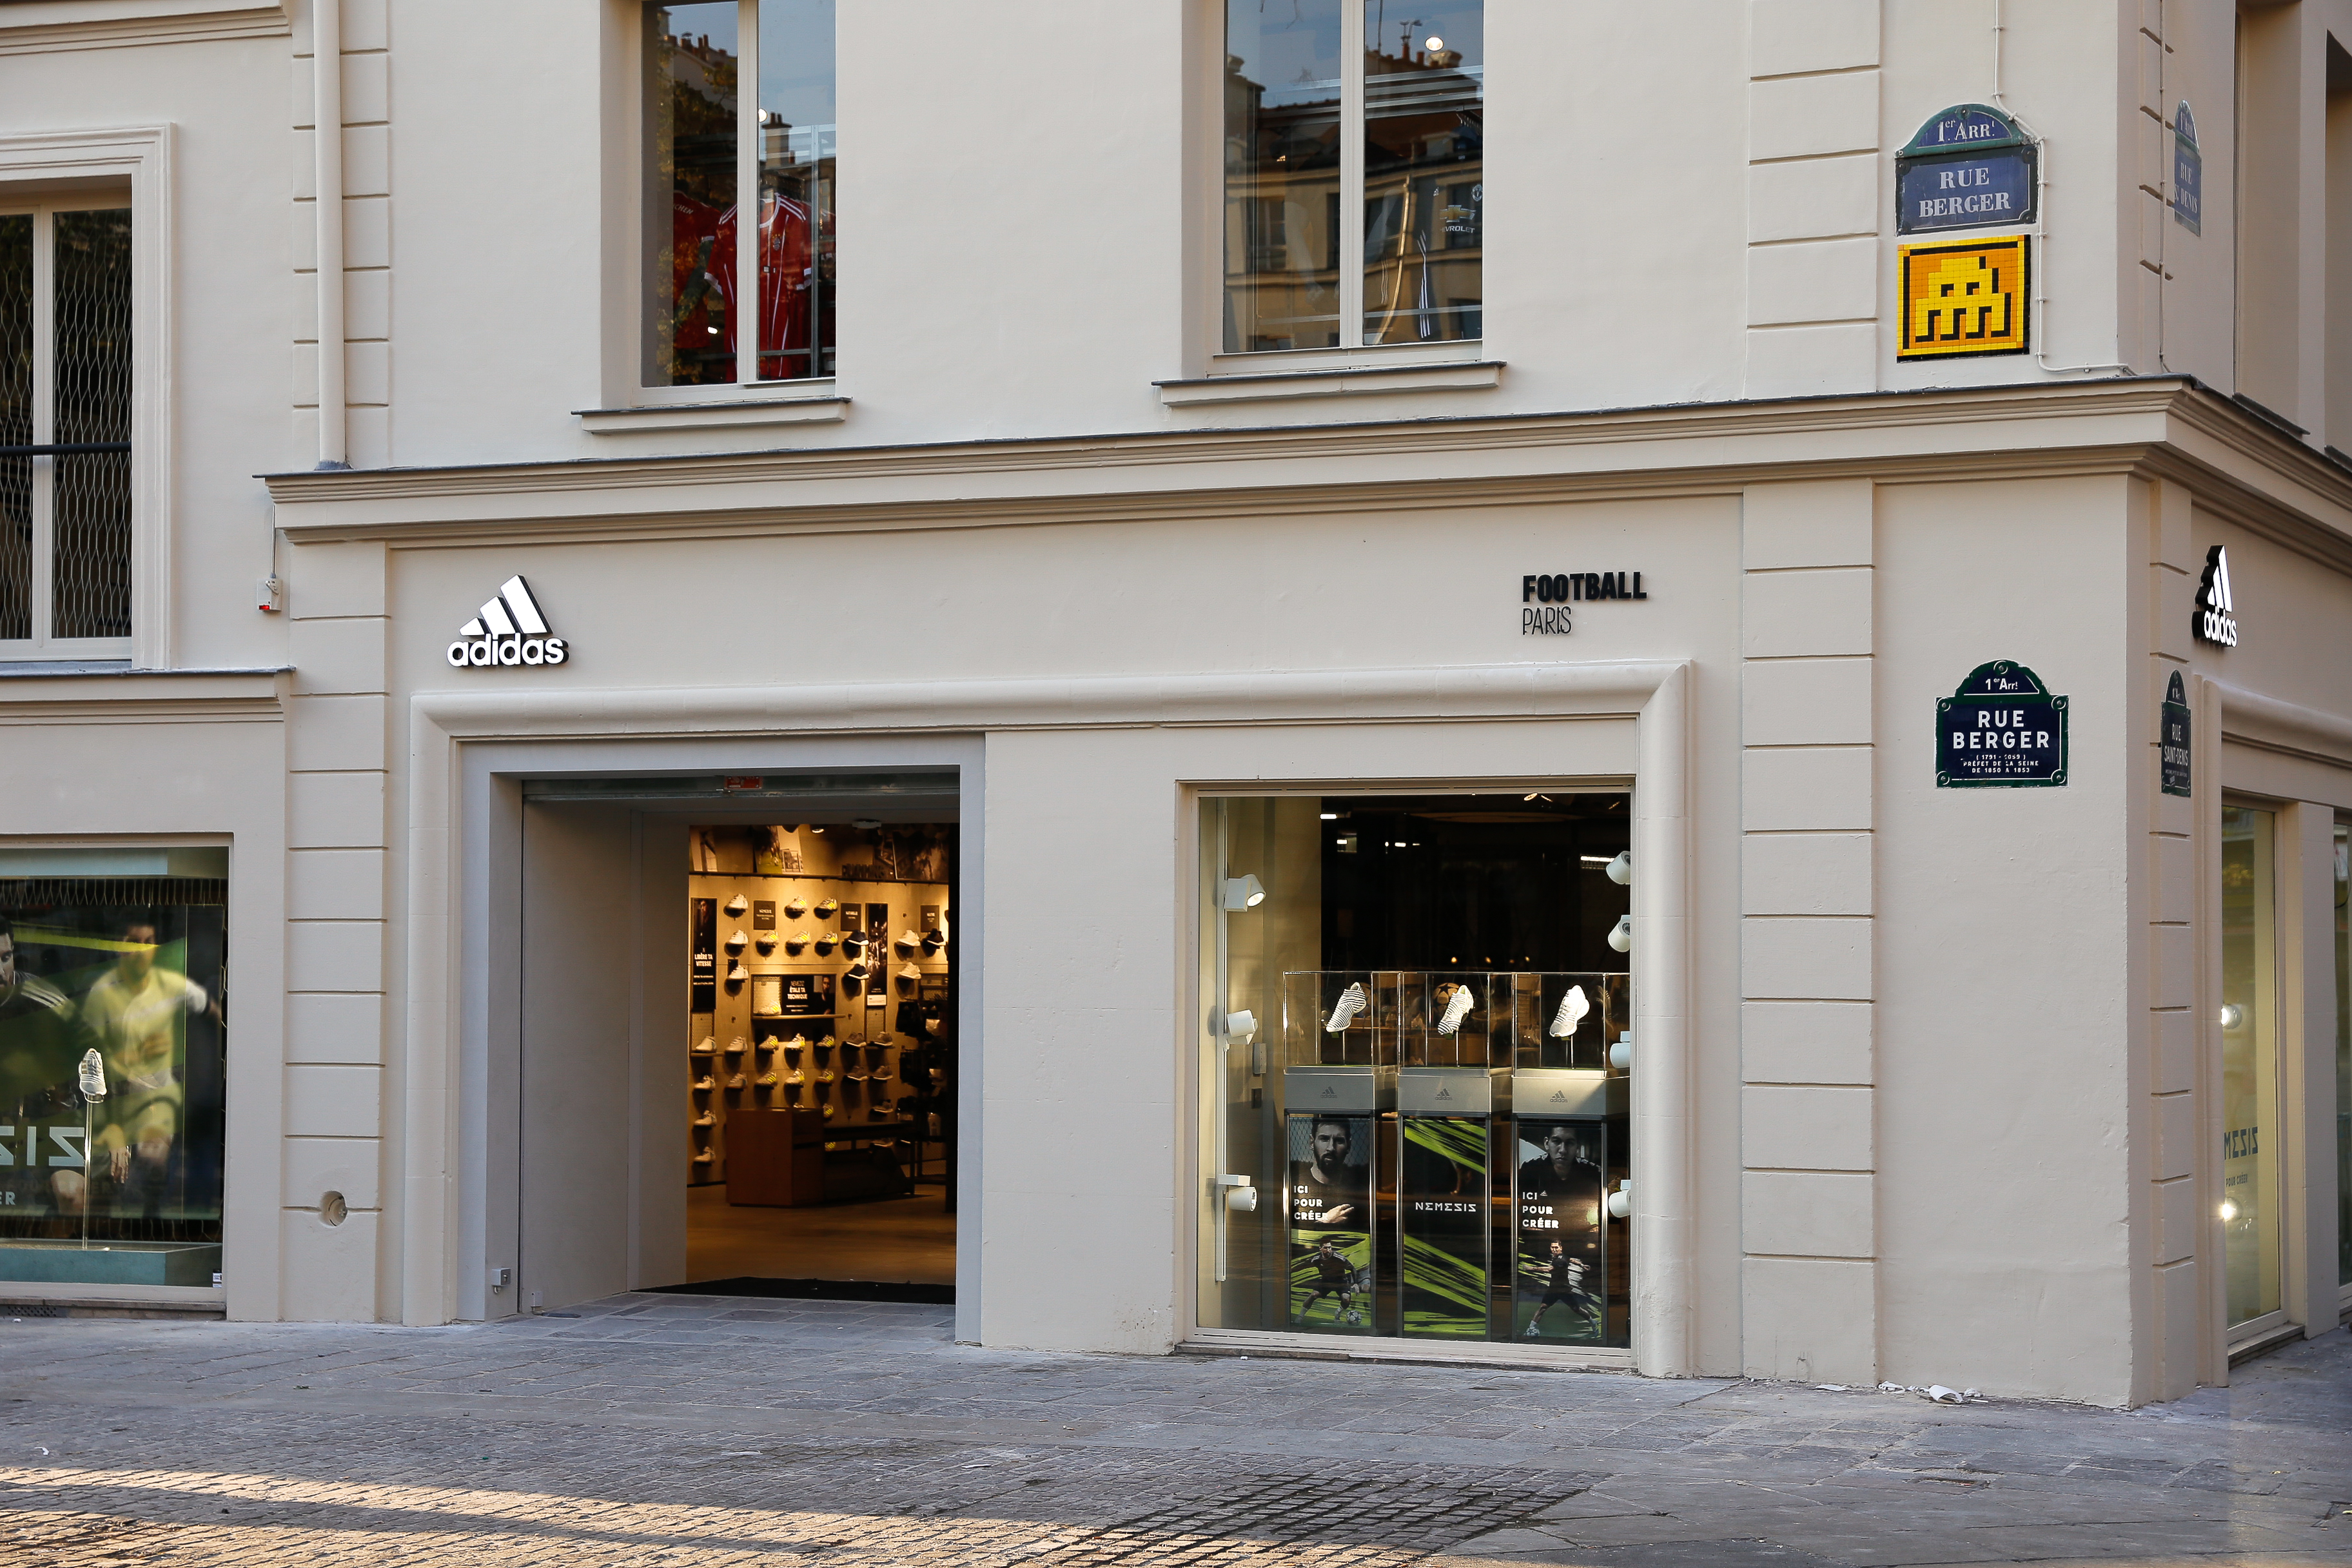 95b70d52b5 L'adresse exacte de ce nouvel adidas Football Store ouvert depuis vendredi  dernier est 4, rue Berger – 75001 PARIS.